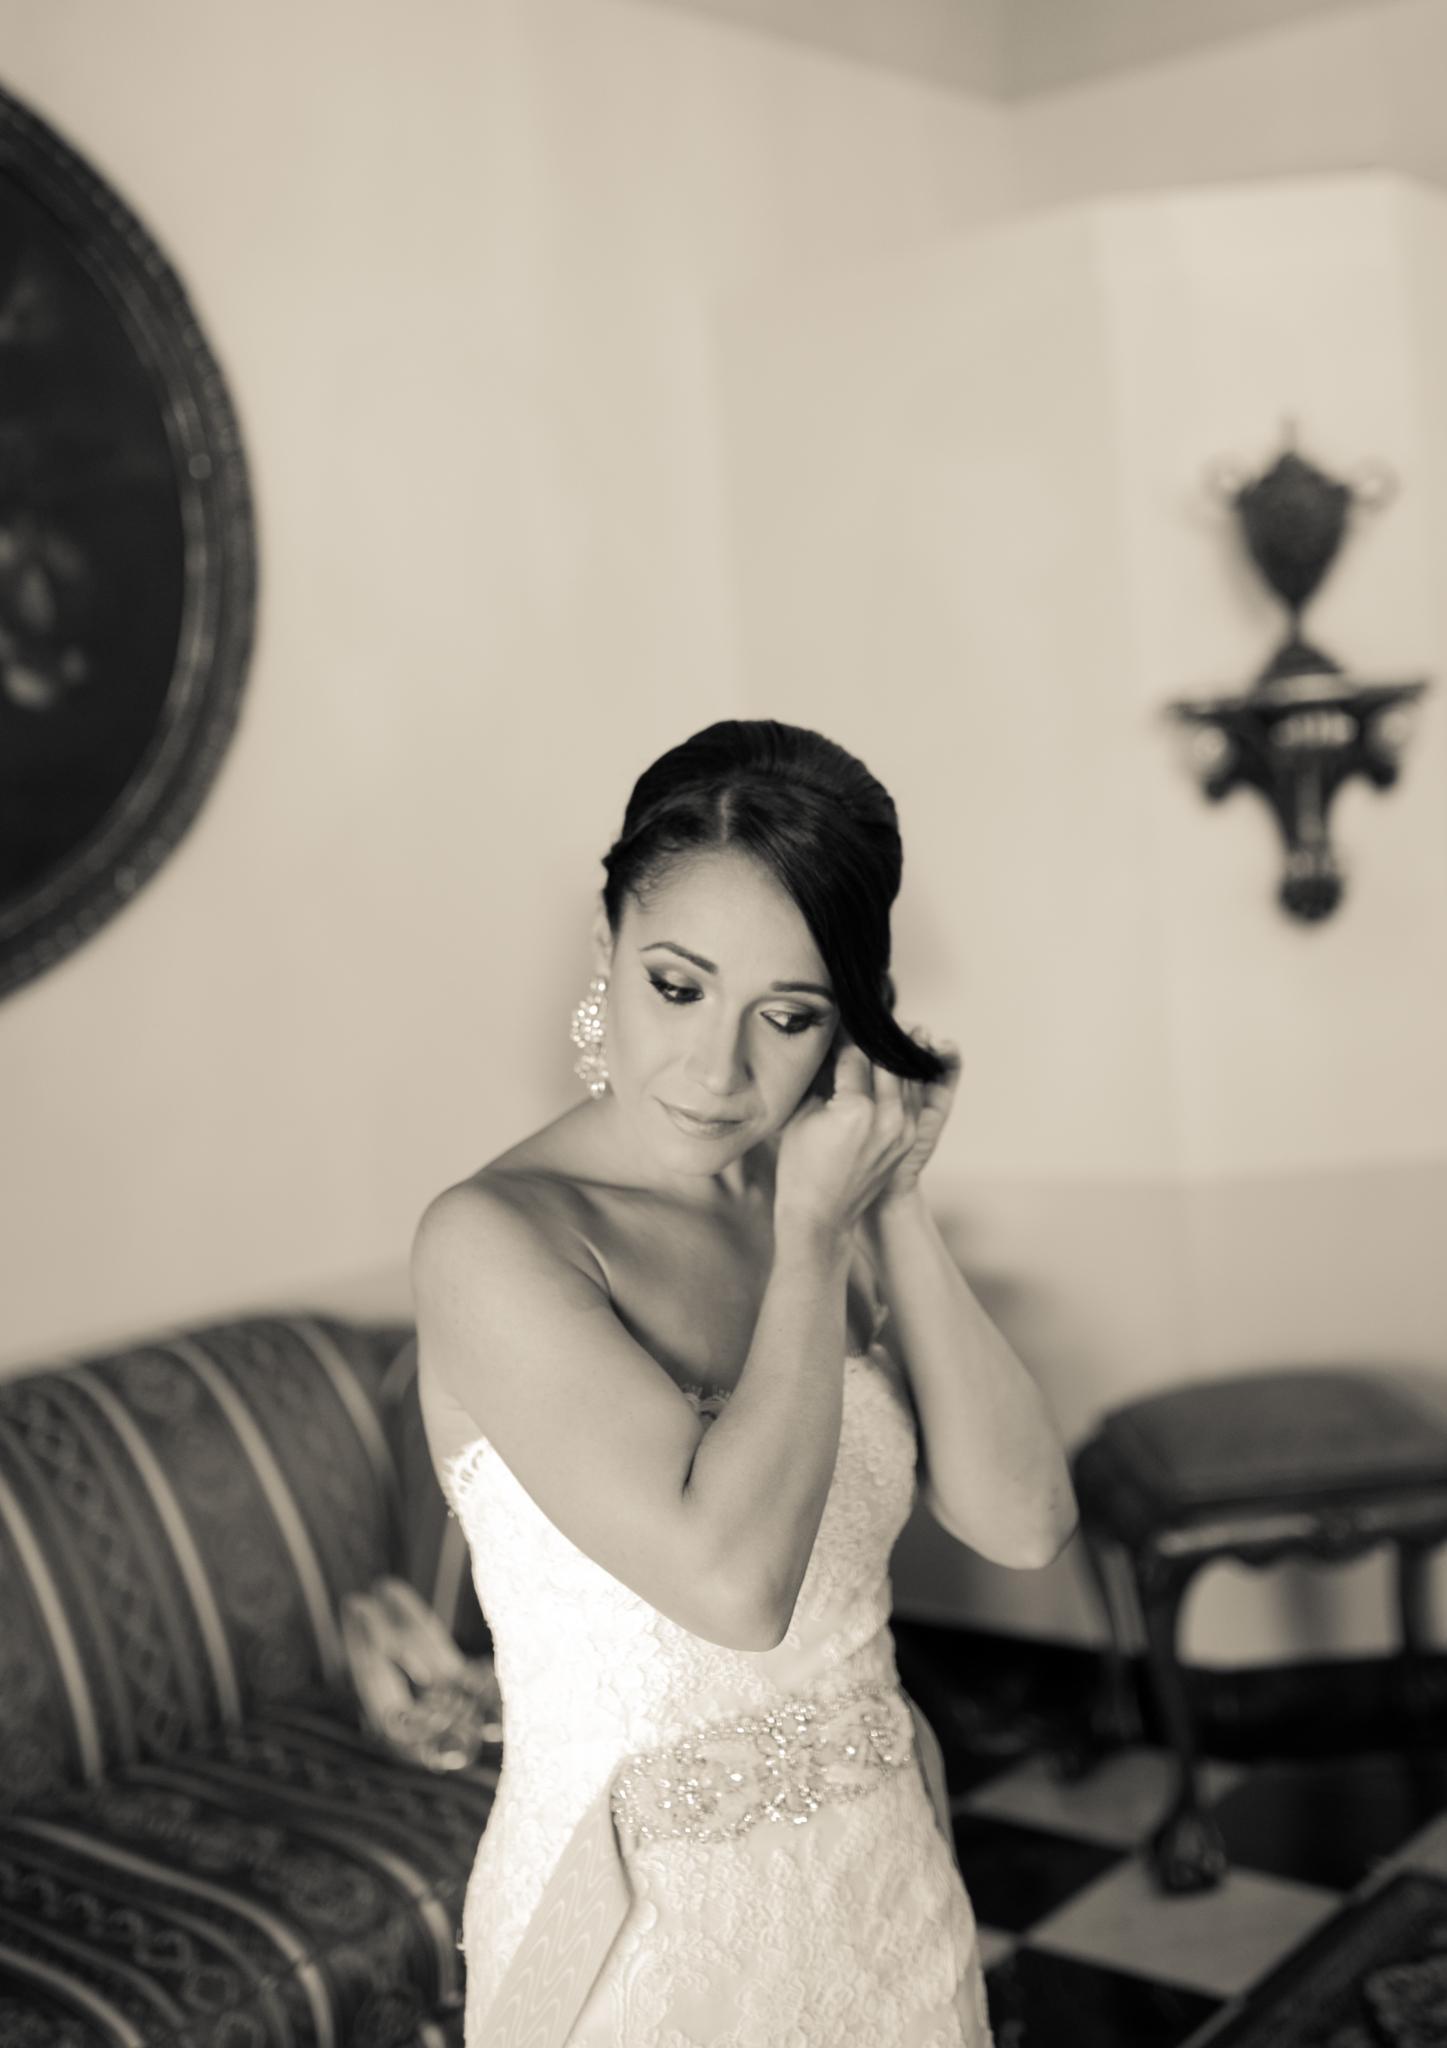 Photographer: Vanessa Velez